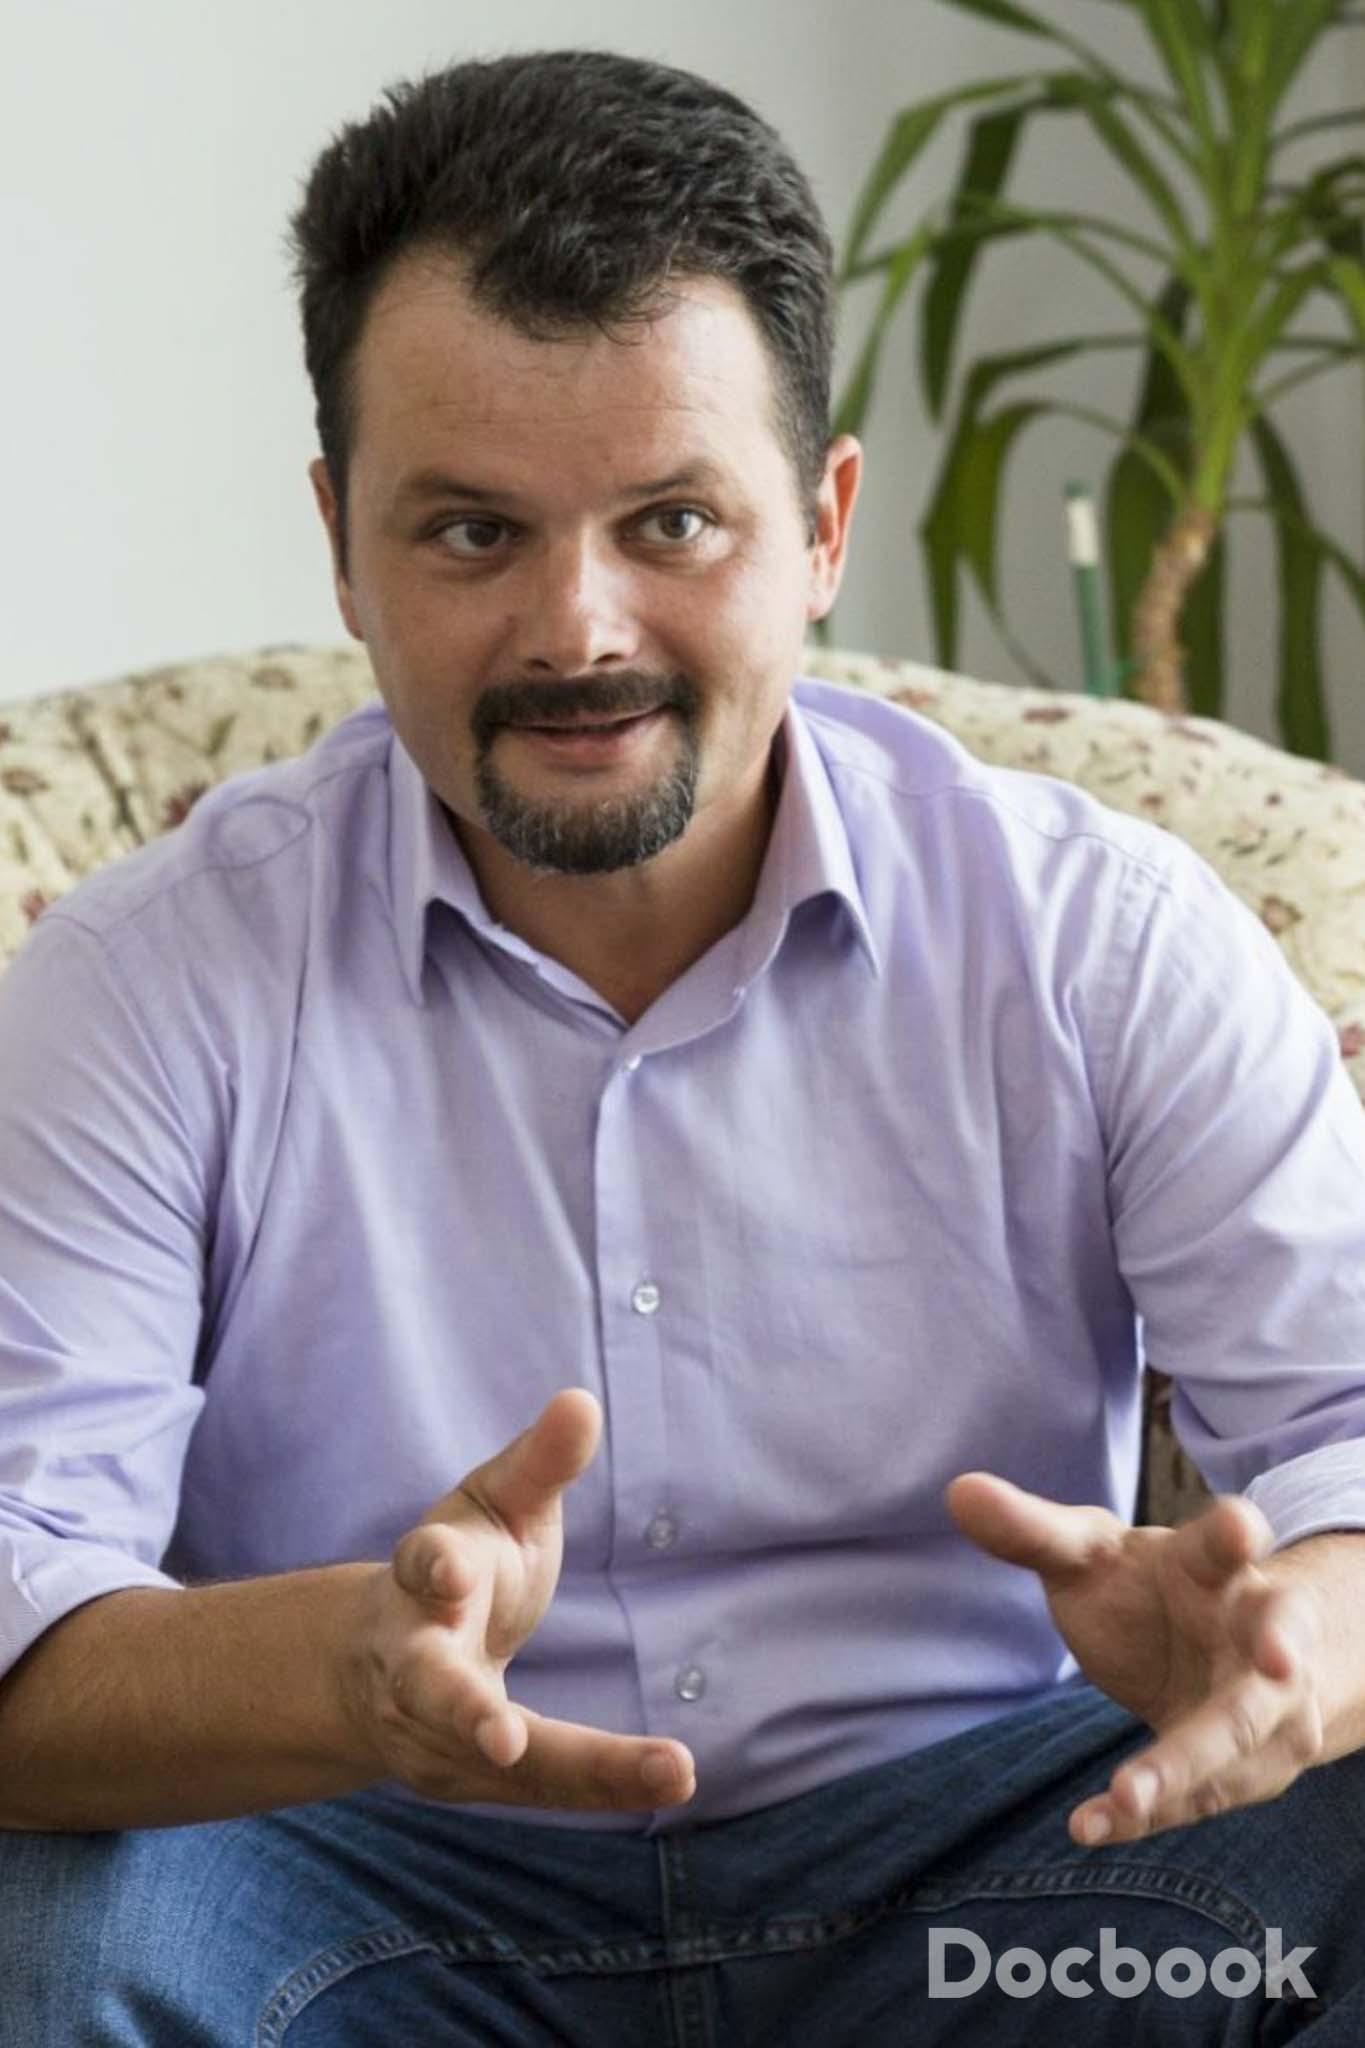 Dr. Silviu Seceleanu